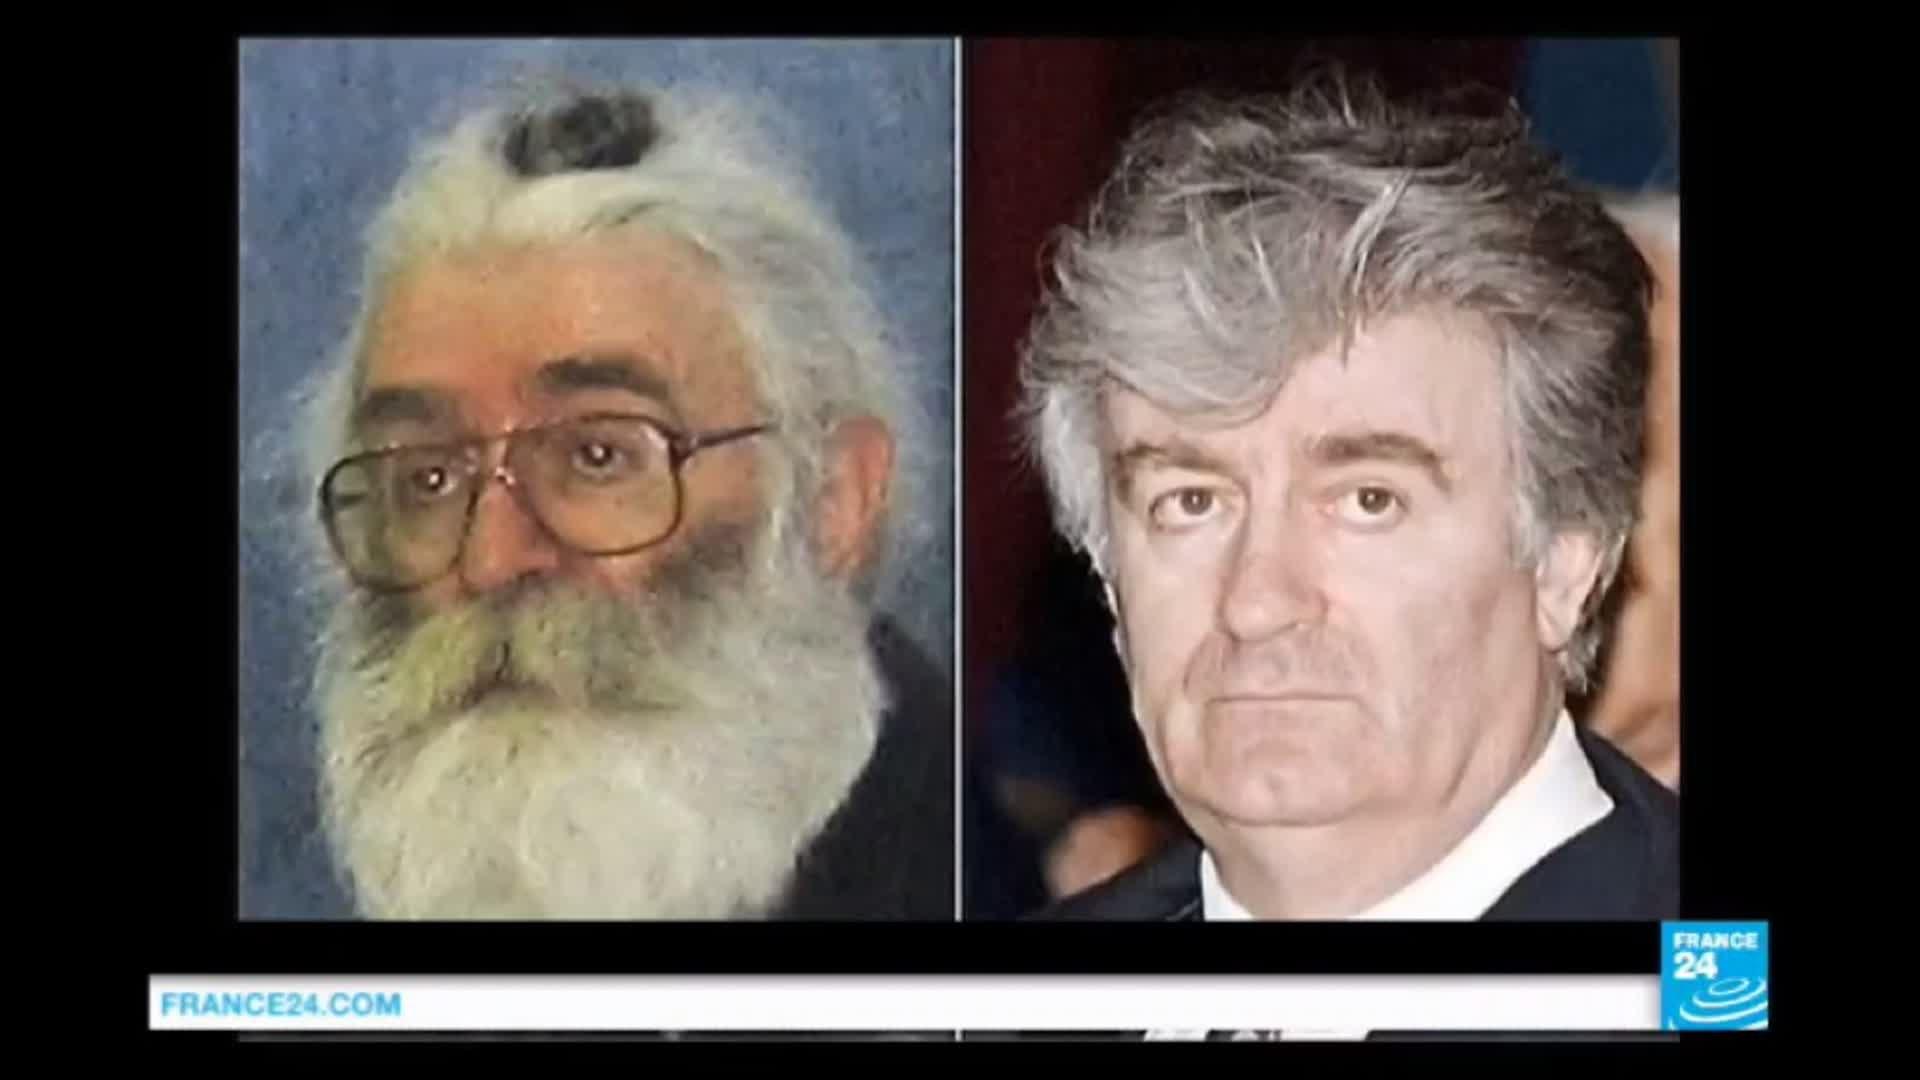 Karadzic war crimes trial: Bosnian Serb wartime leader faces verdict at UN court